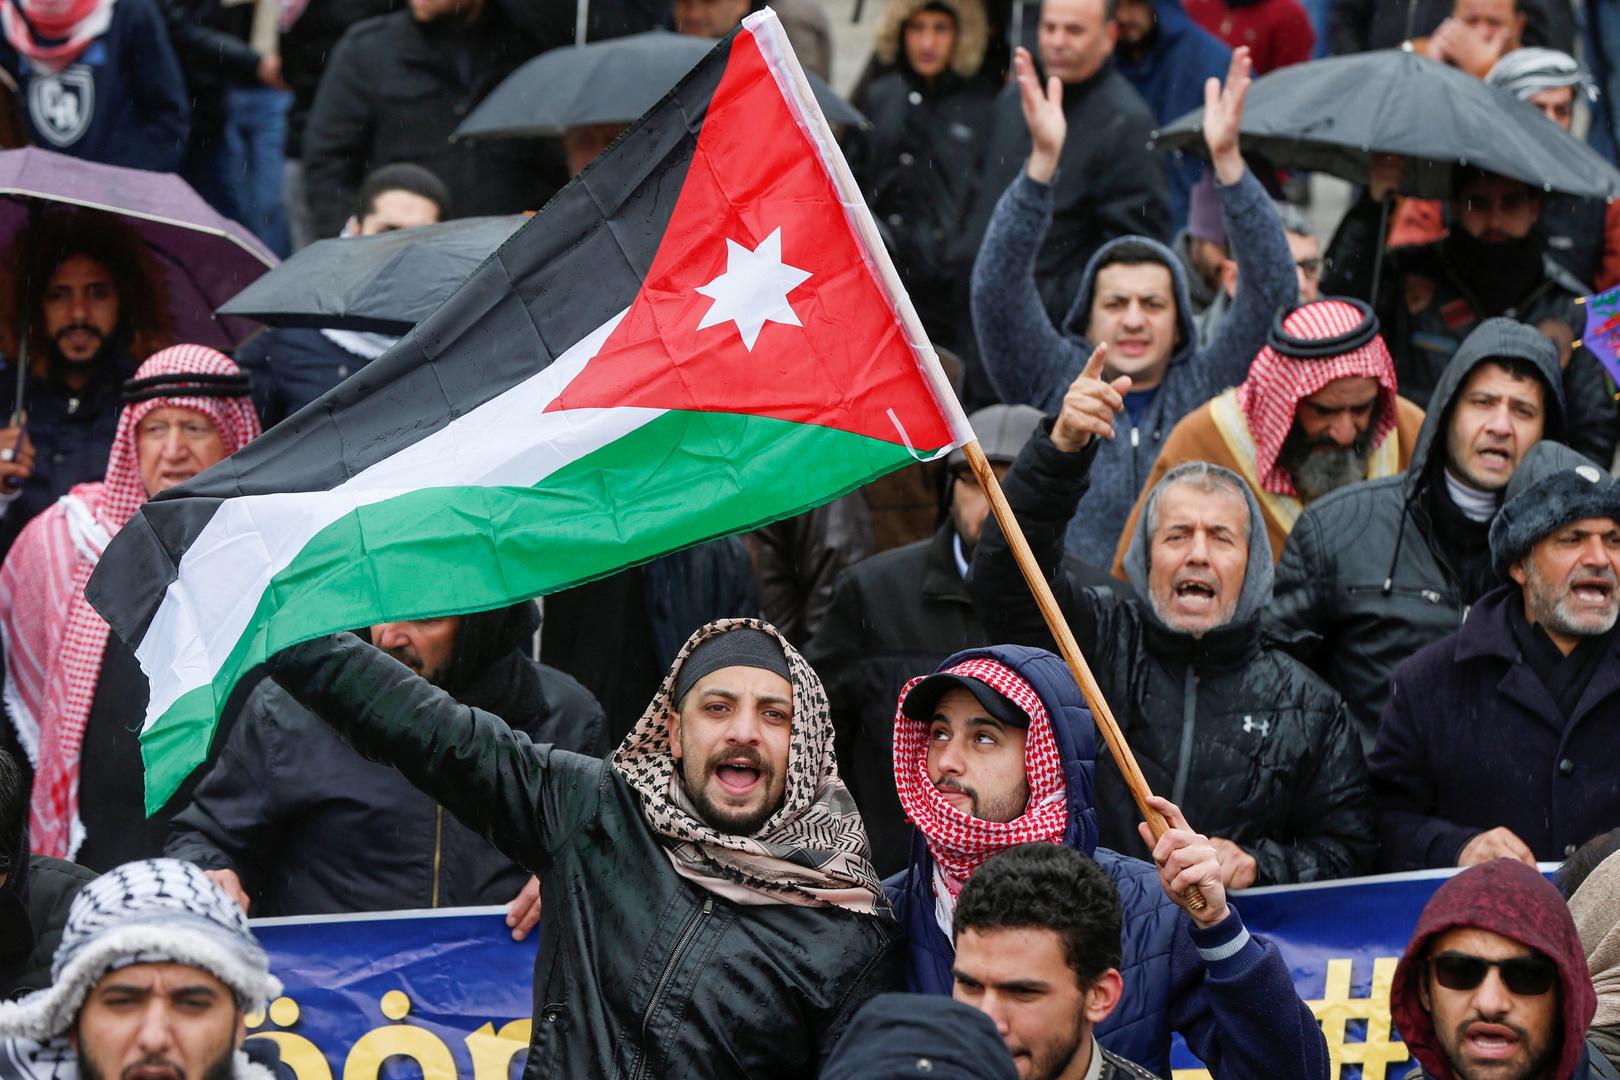 النيابة العامة الأردنية تعلن انتهاء التحقيقات المتعلقة بـ